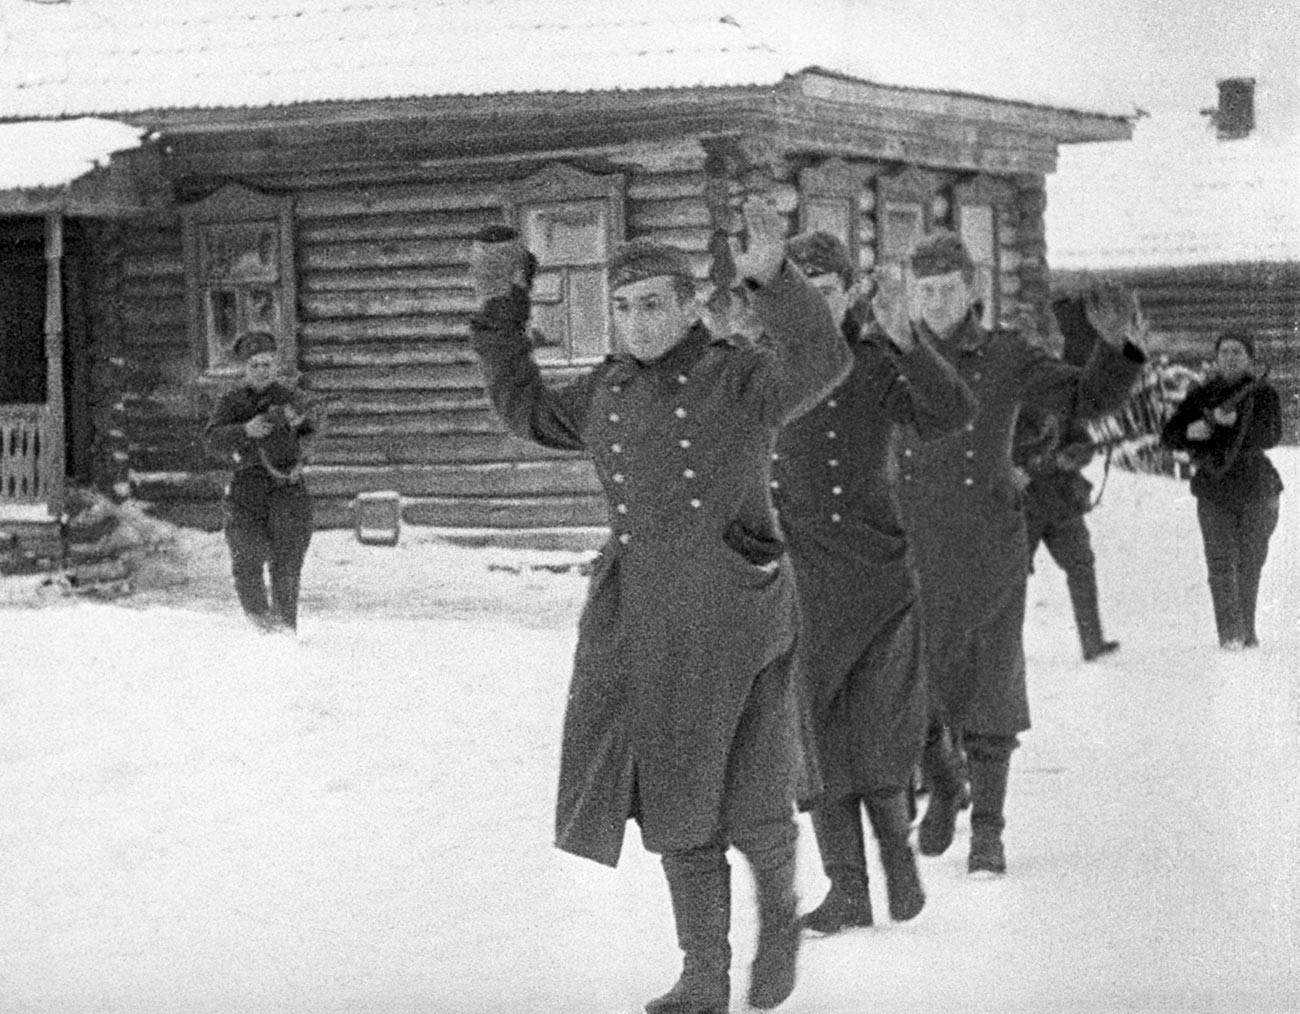 Contre-attaque de l'Armée rouge lors de la bataille de Moscou